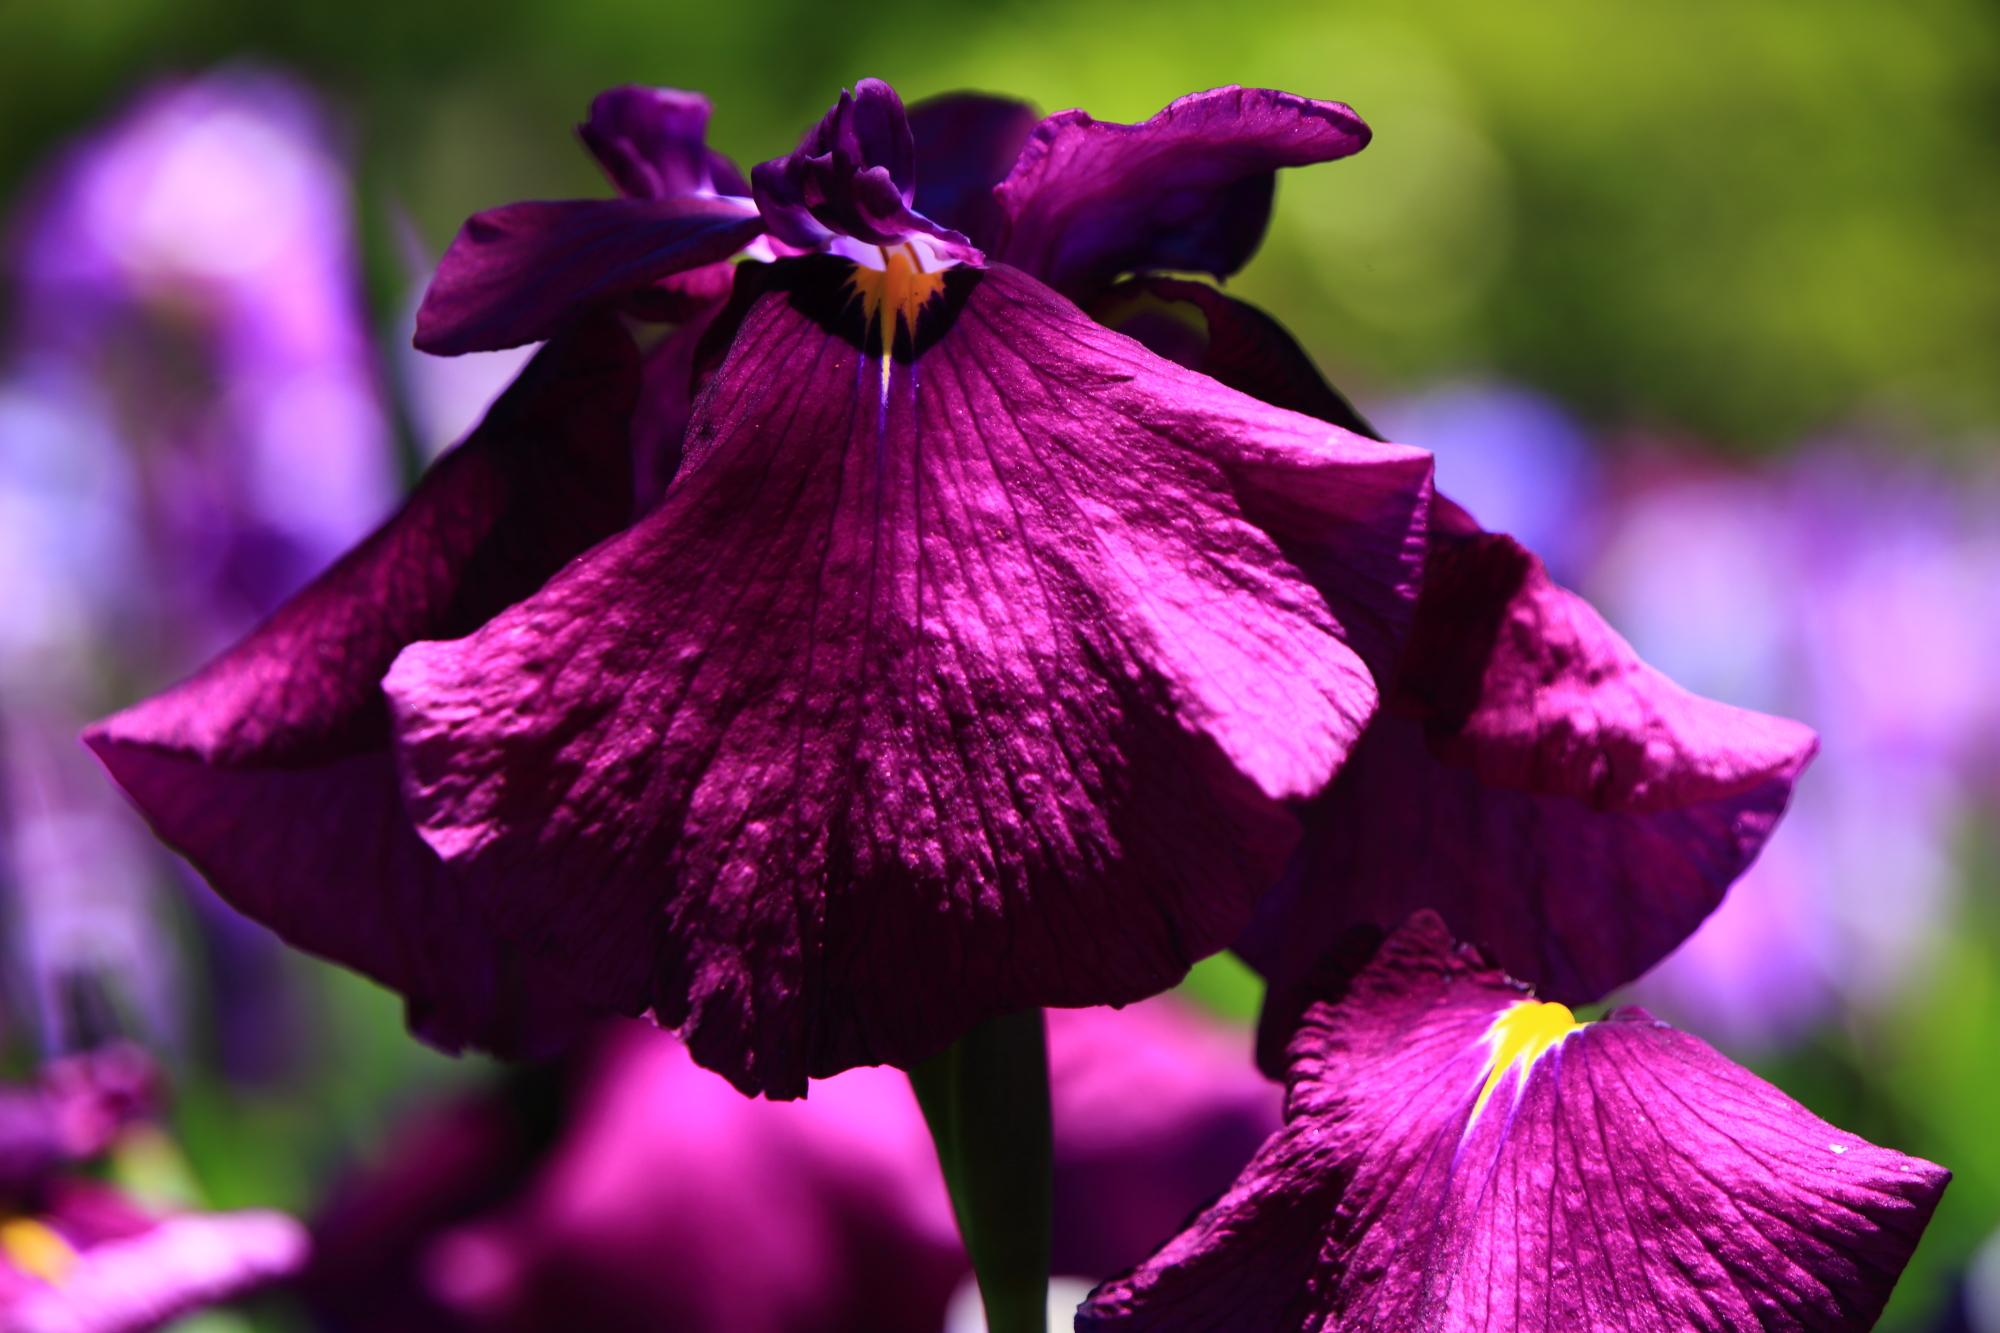 インパクトの強い濃い紫の花菖蒲